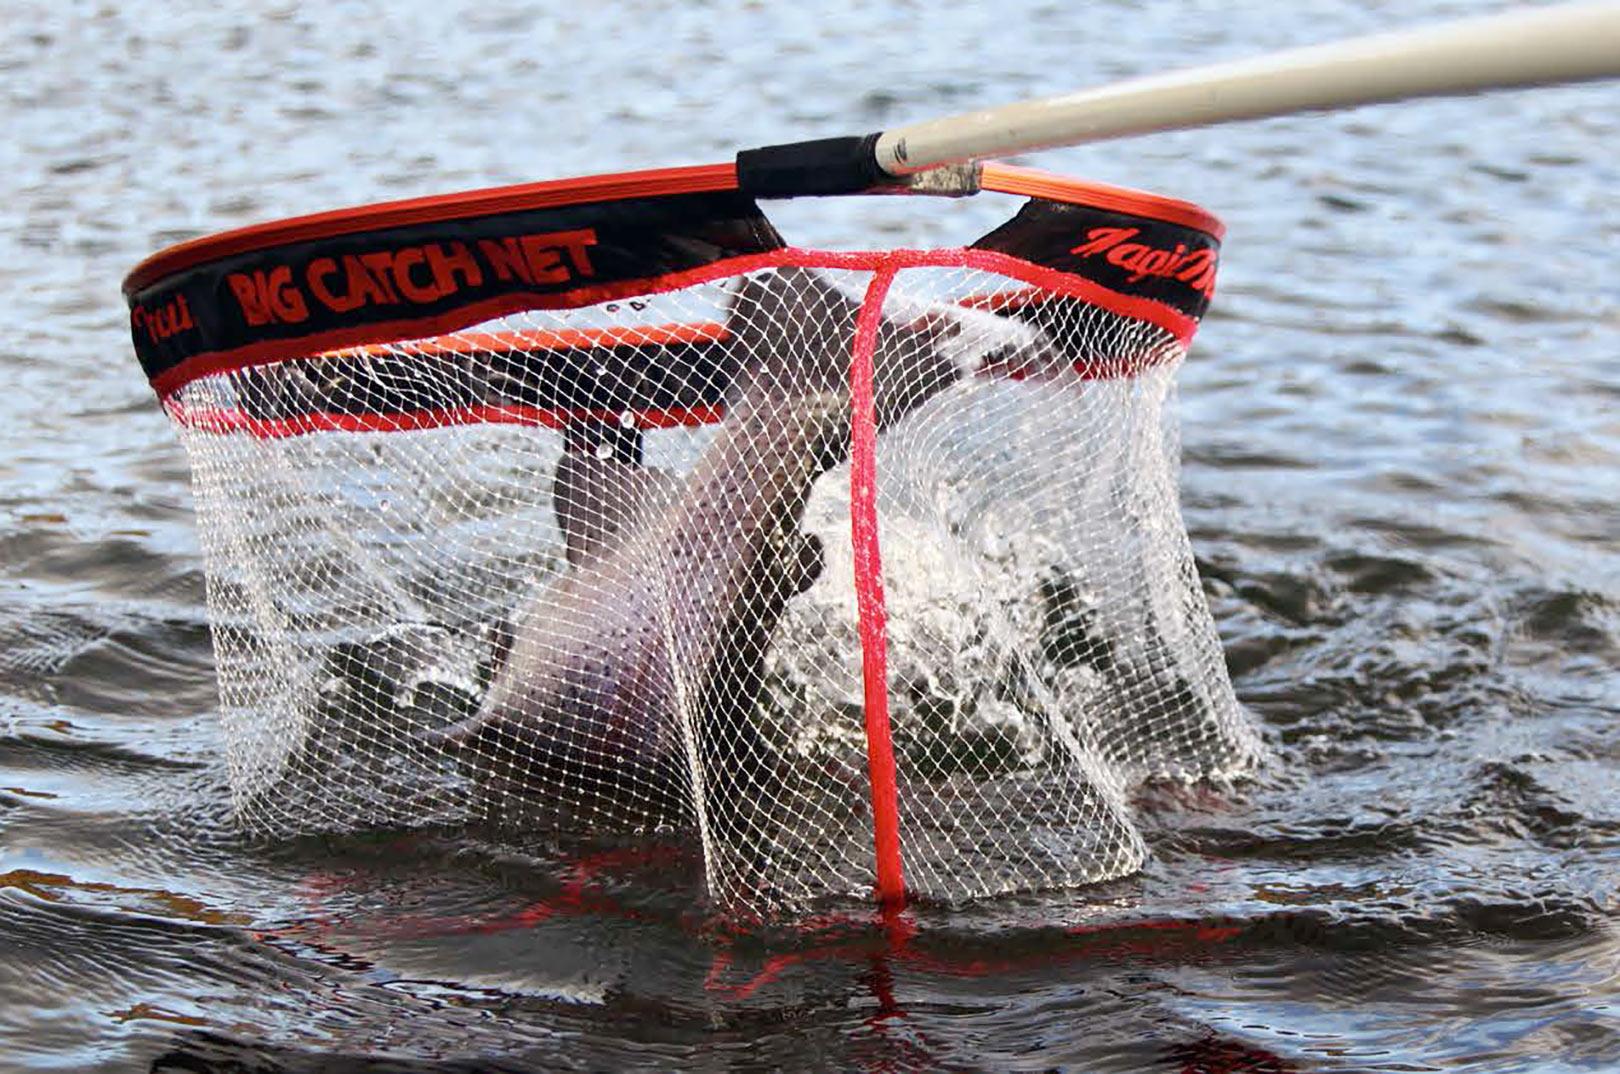 """Der fiskes med tynde forfang og små kroge. Et godt langskaftet landingsnet er derfor et """"must have"""". Det giver simpelthen flere fisk på den lange bane, så sørg for at købe et kvalitets net."""